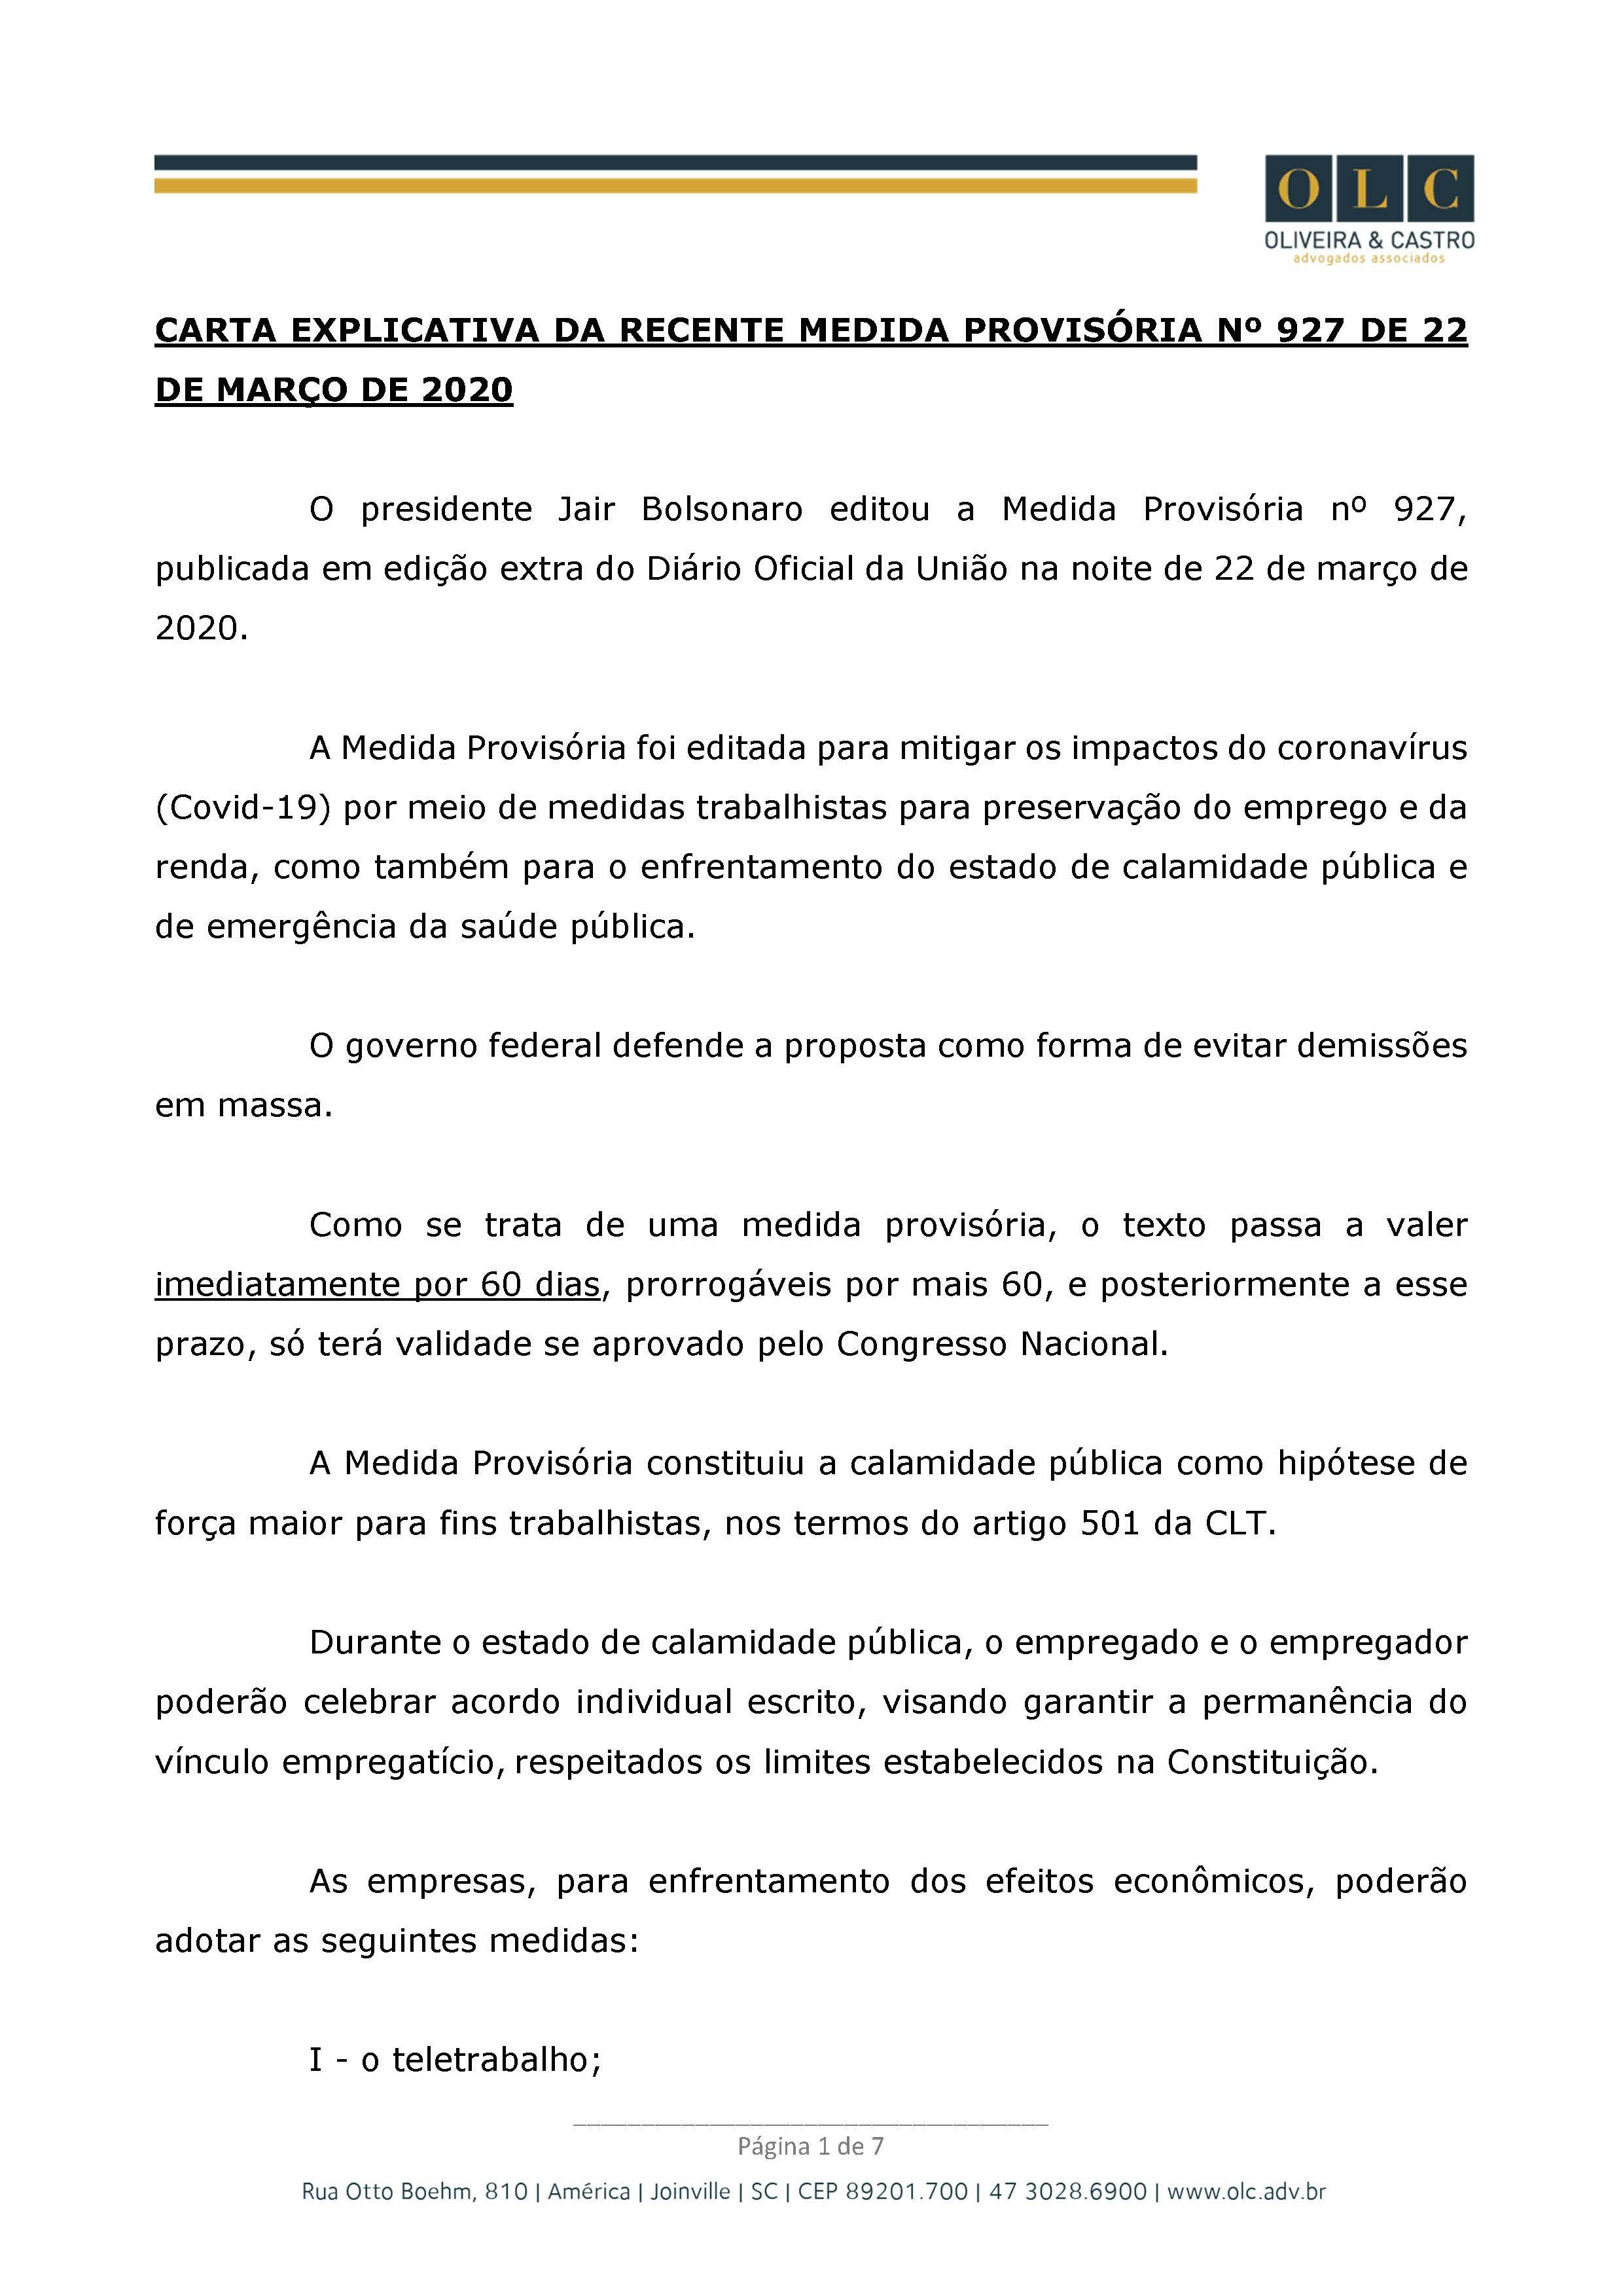 Carta Explicativa - Oliveira e Castro Advogados (1)_Página_1